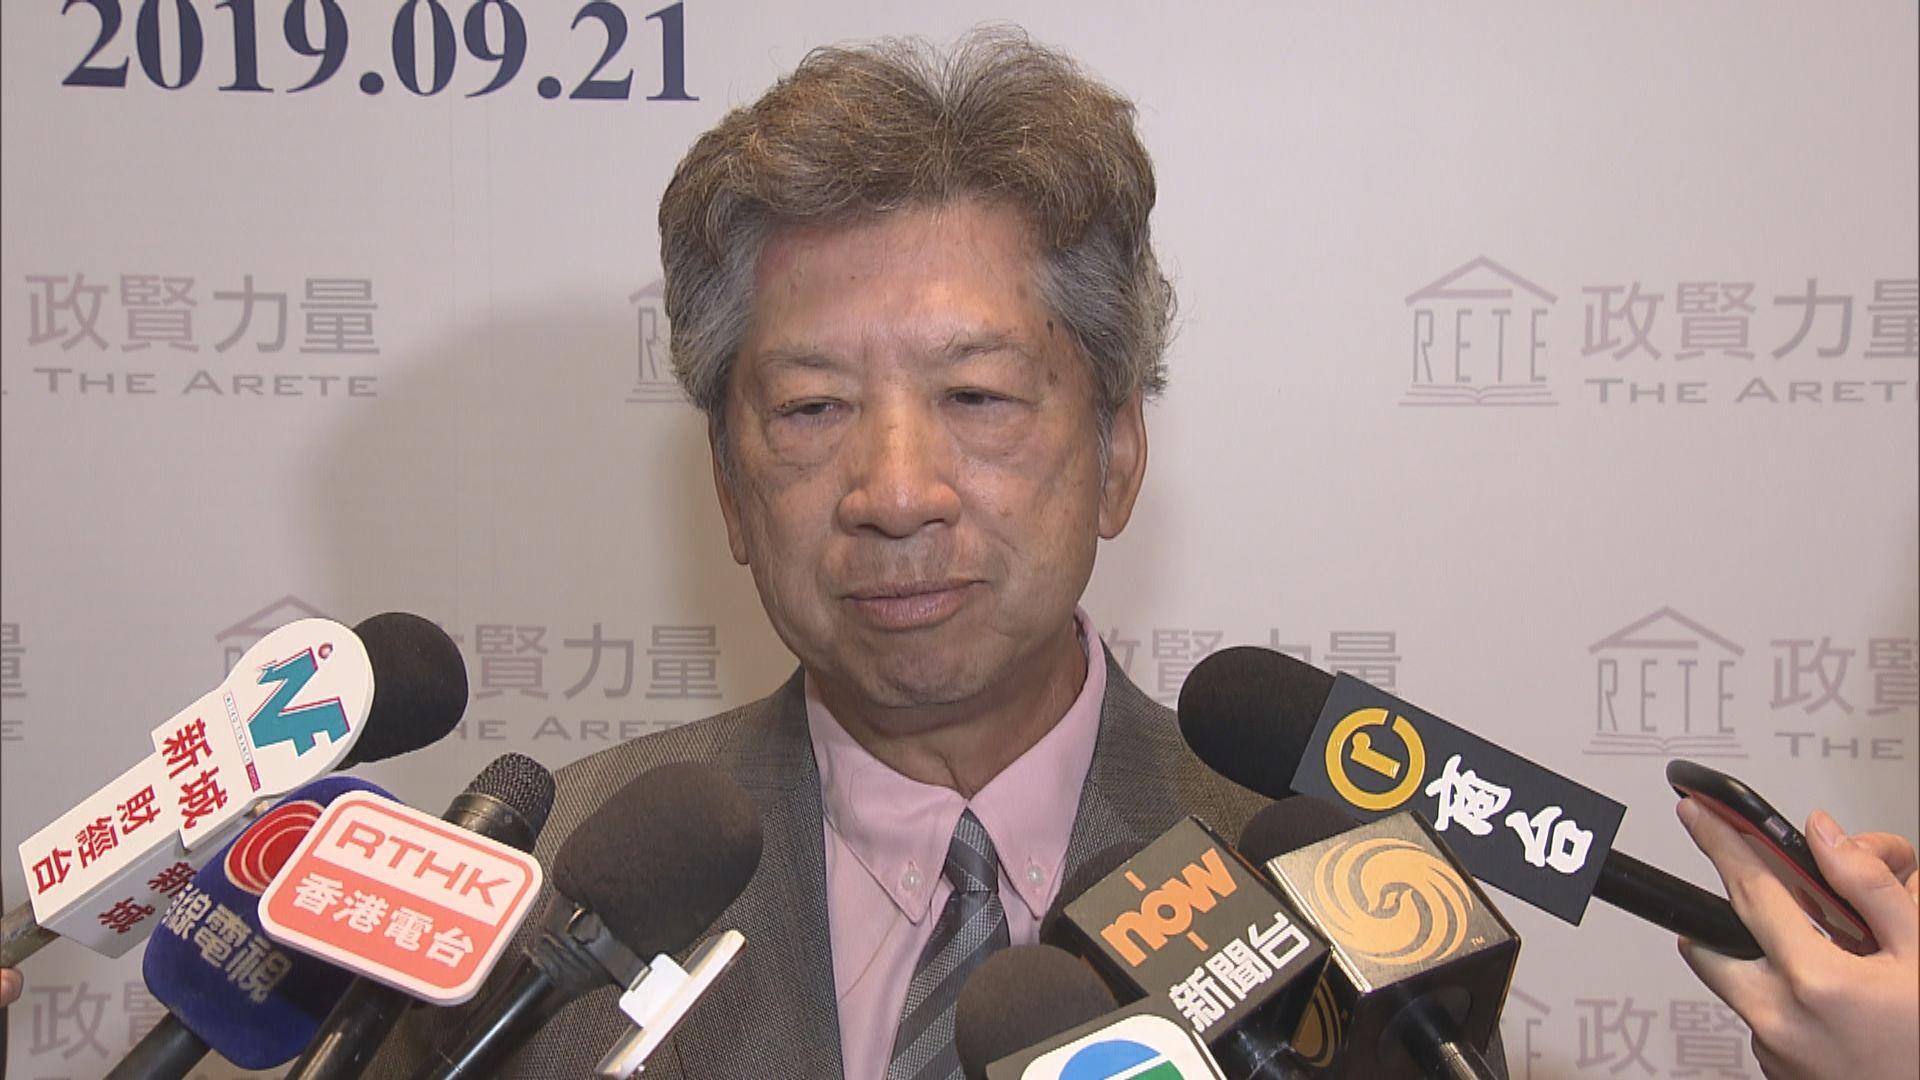 湯家驊:政府會否讓步要視乎社會轉變